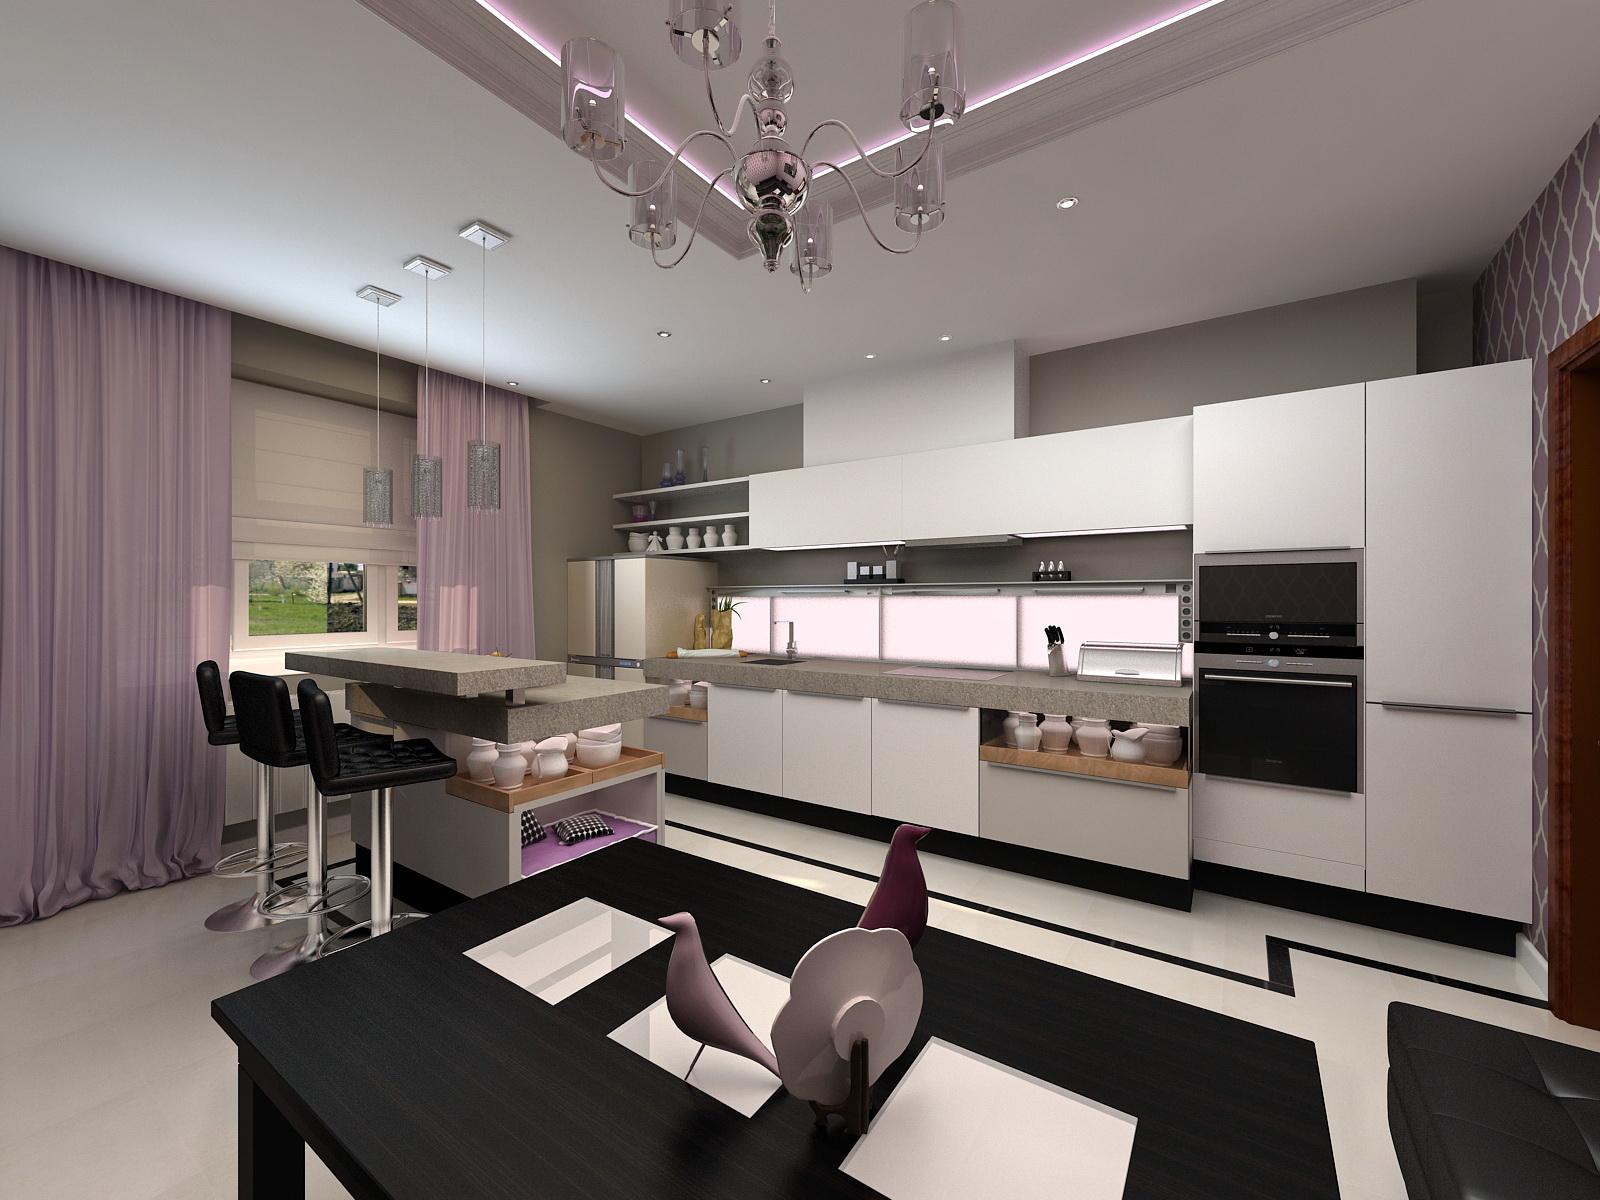 Дизайн кухни-студии – 11 советов по обустройству, 90 фото